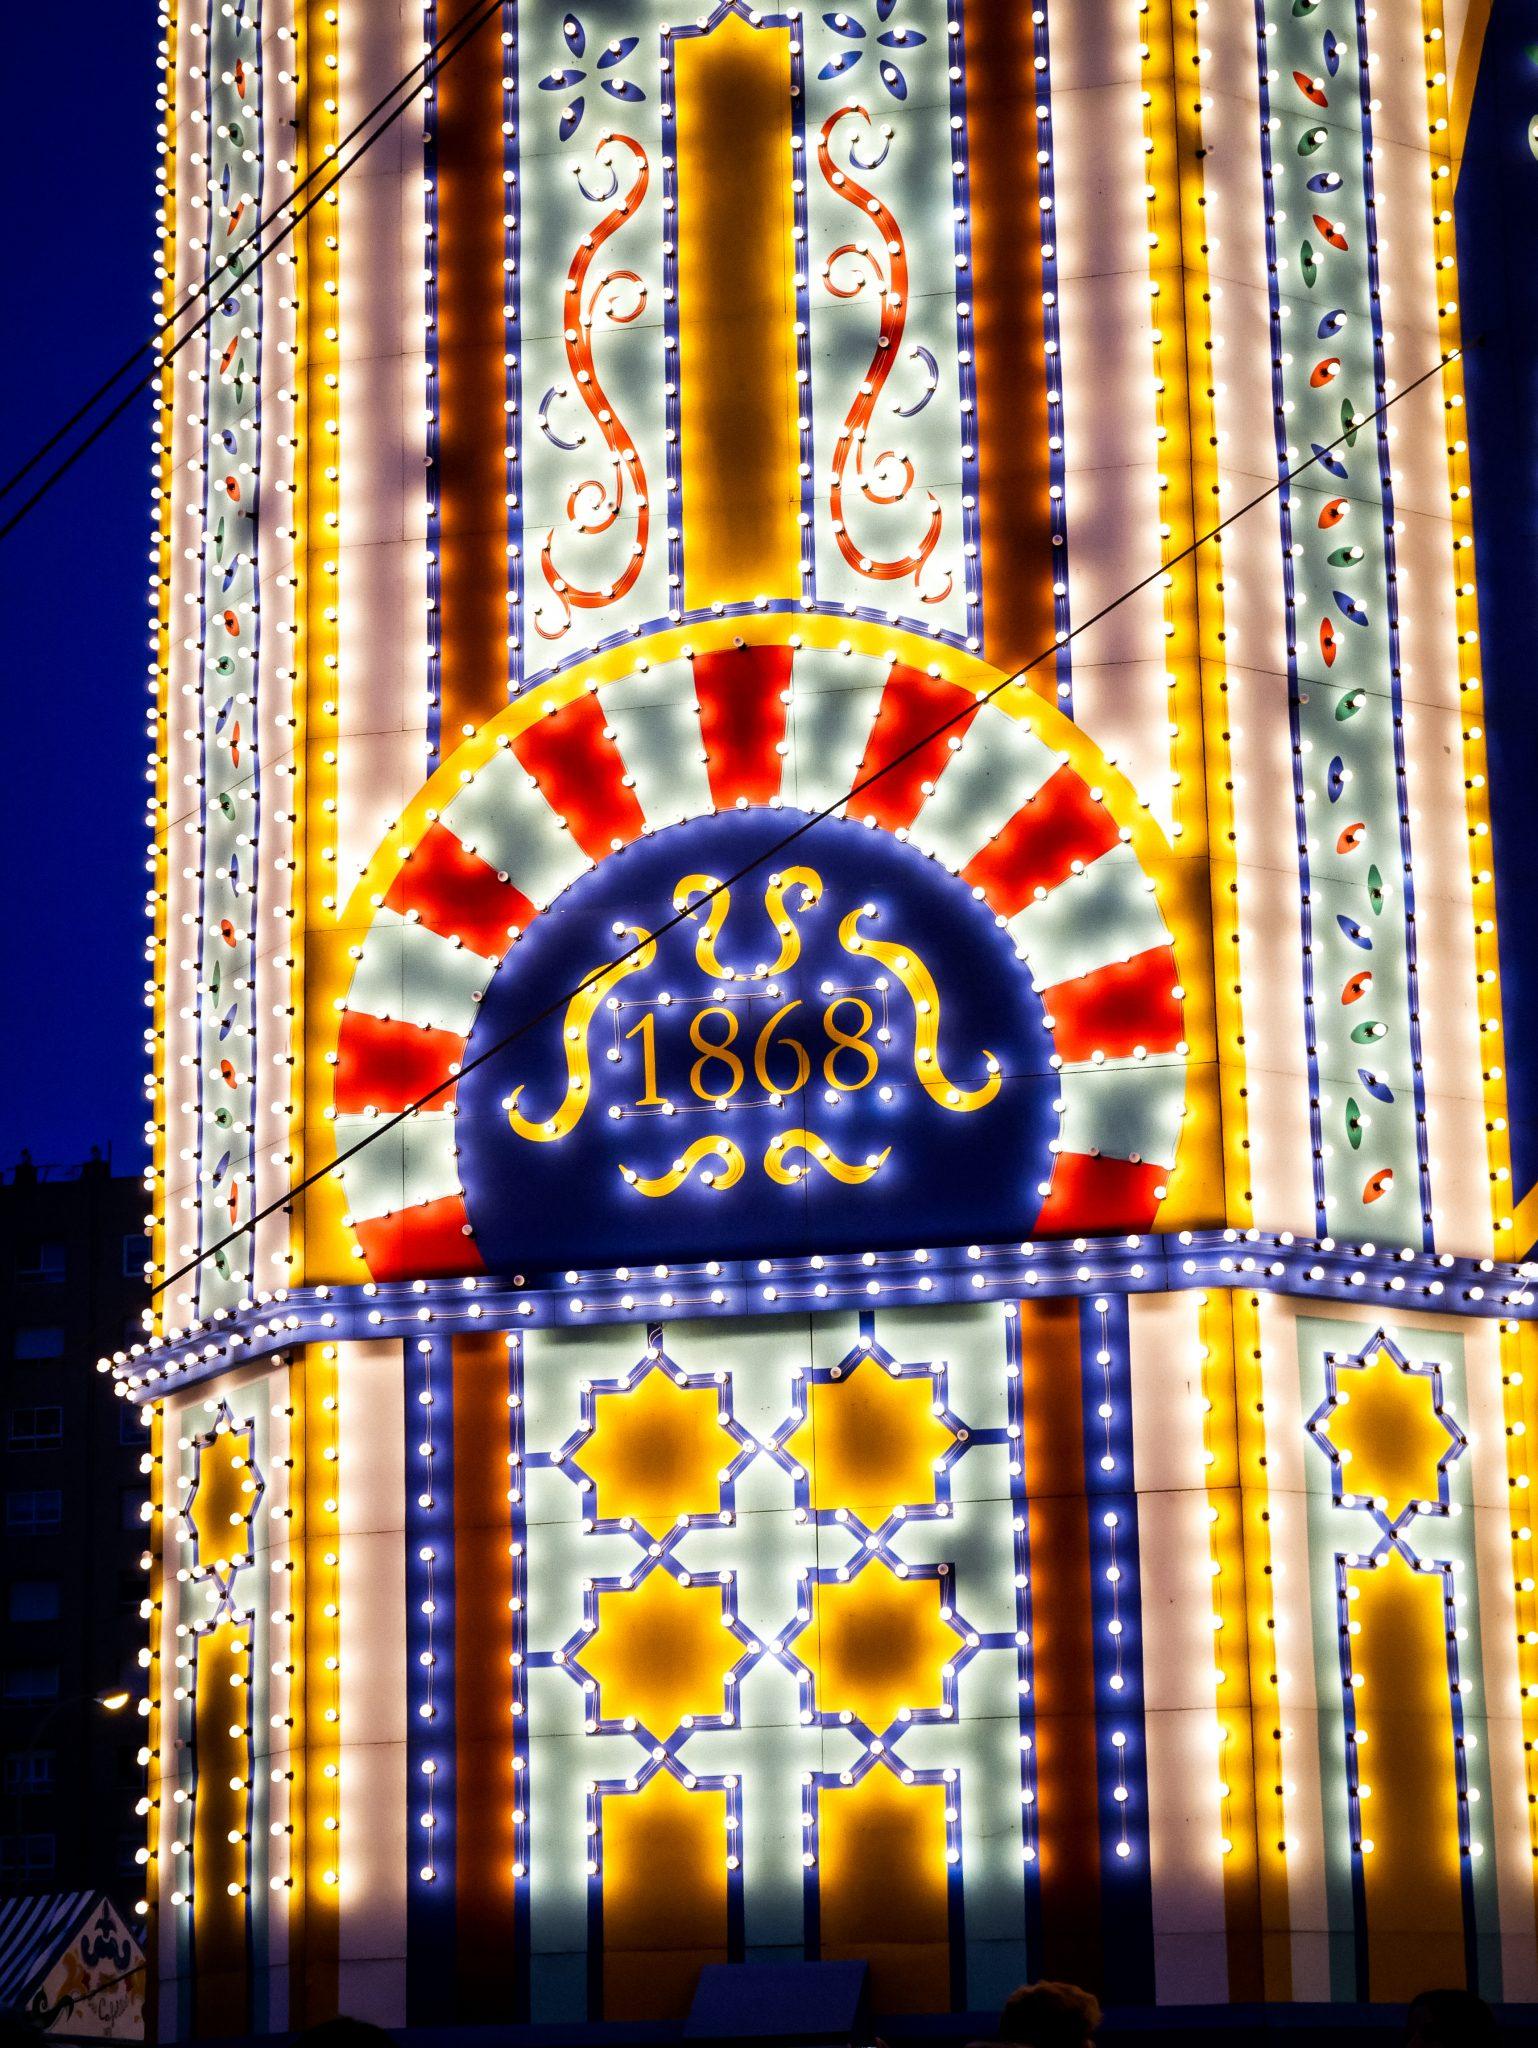 Seit dem Jahre 1868 existiert die Feria de abril in Sevilla, damals um die Wirtschaft der Stadt wieder zu beleben.